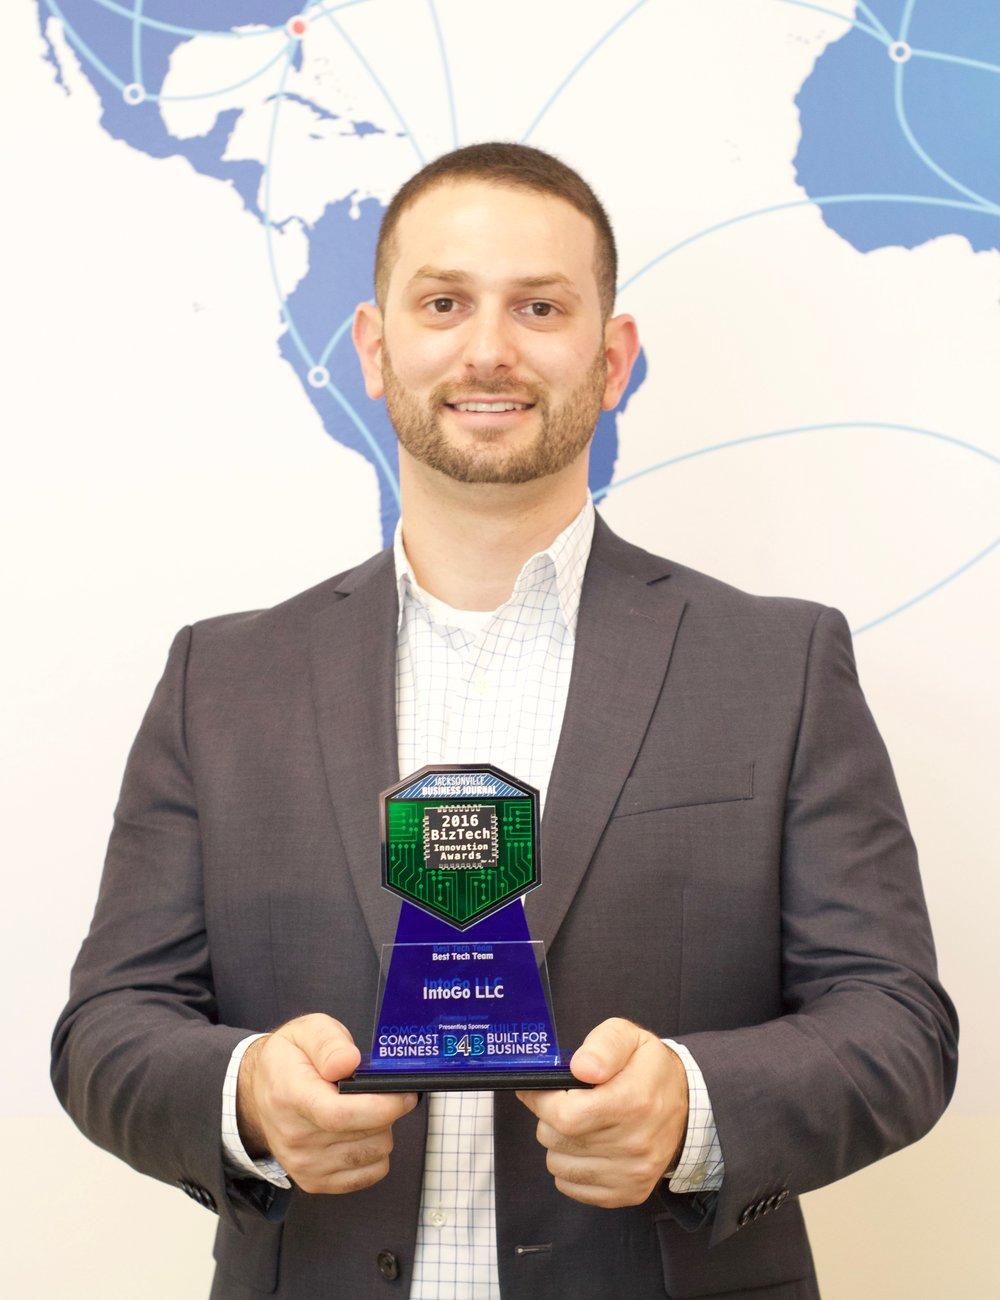 intoGo - 2017 Jax BizTech Award Winner